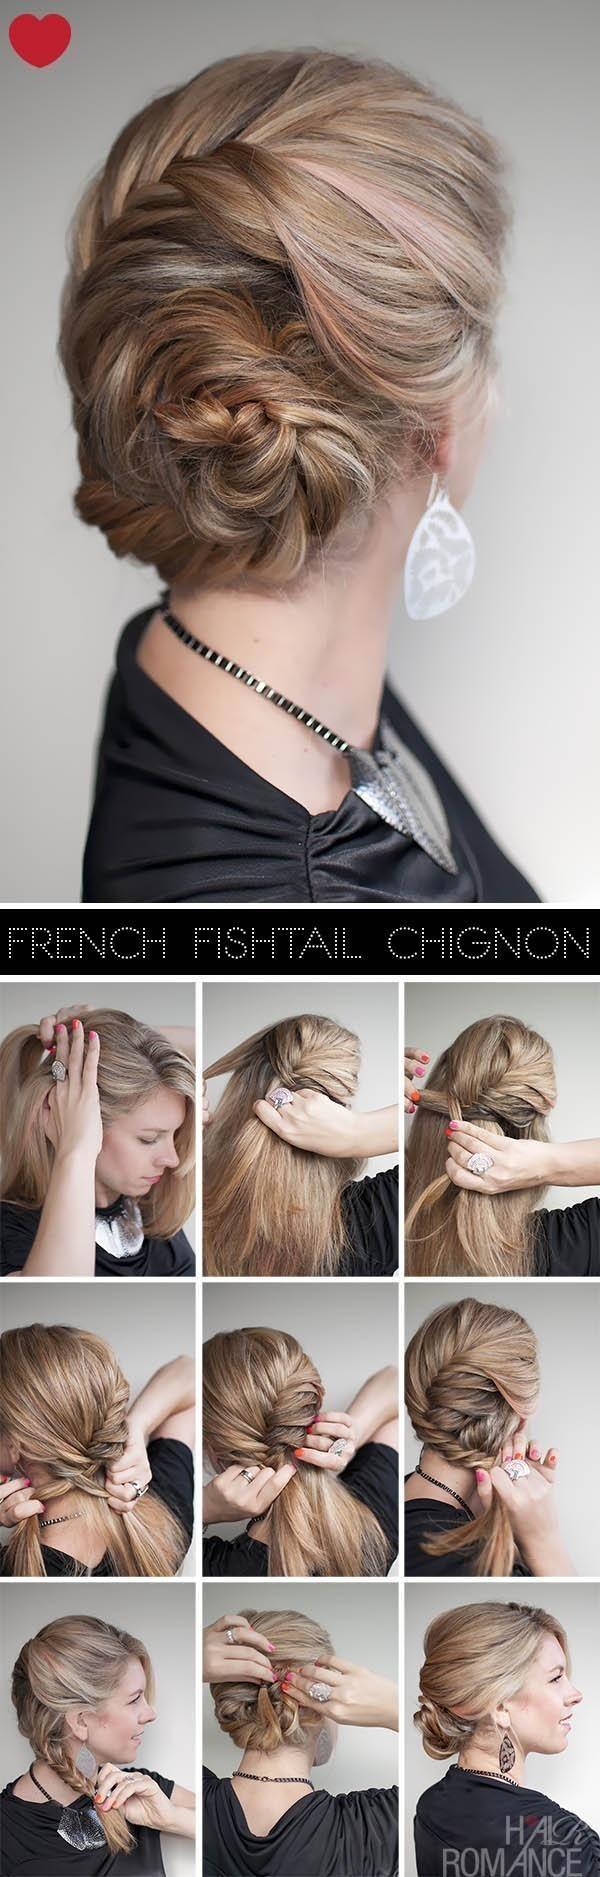 best saç tasarım ve modeller images on pinterest hair